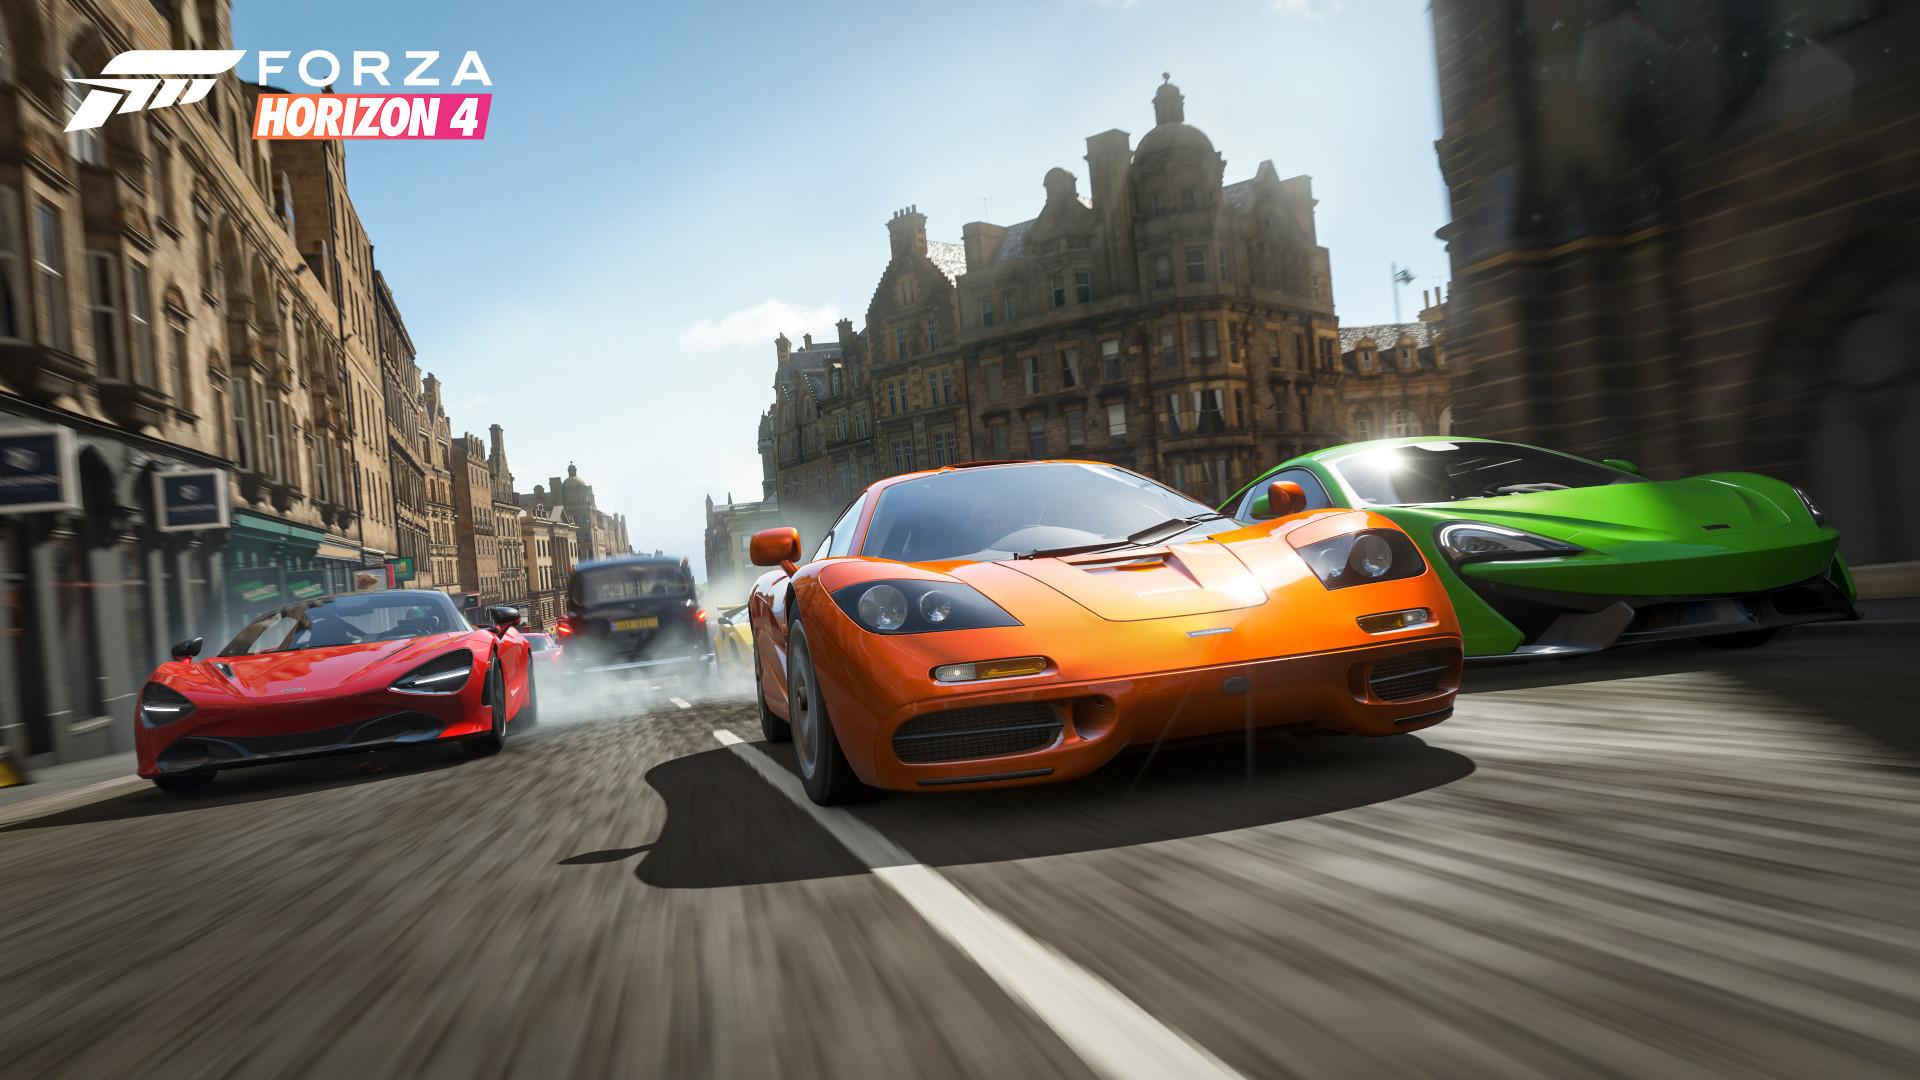 Новый трейлер Forza Horizon 4, посвященный автомобилям Джеймса Бонда